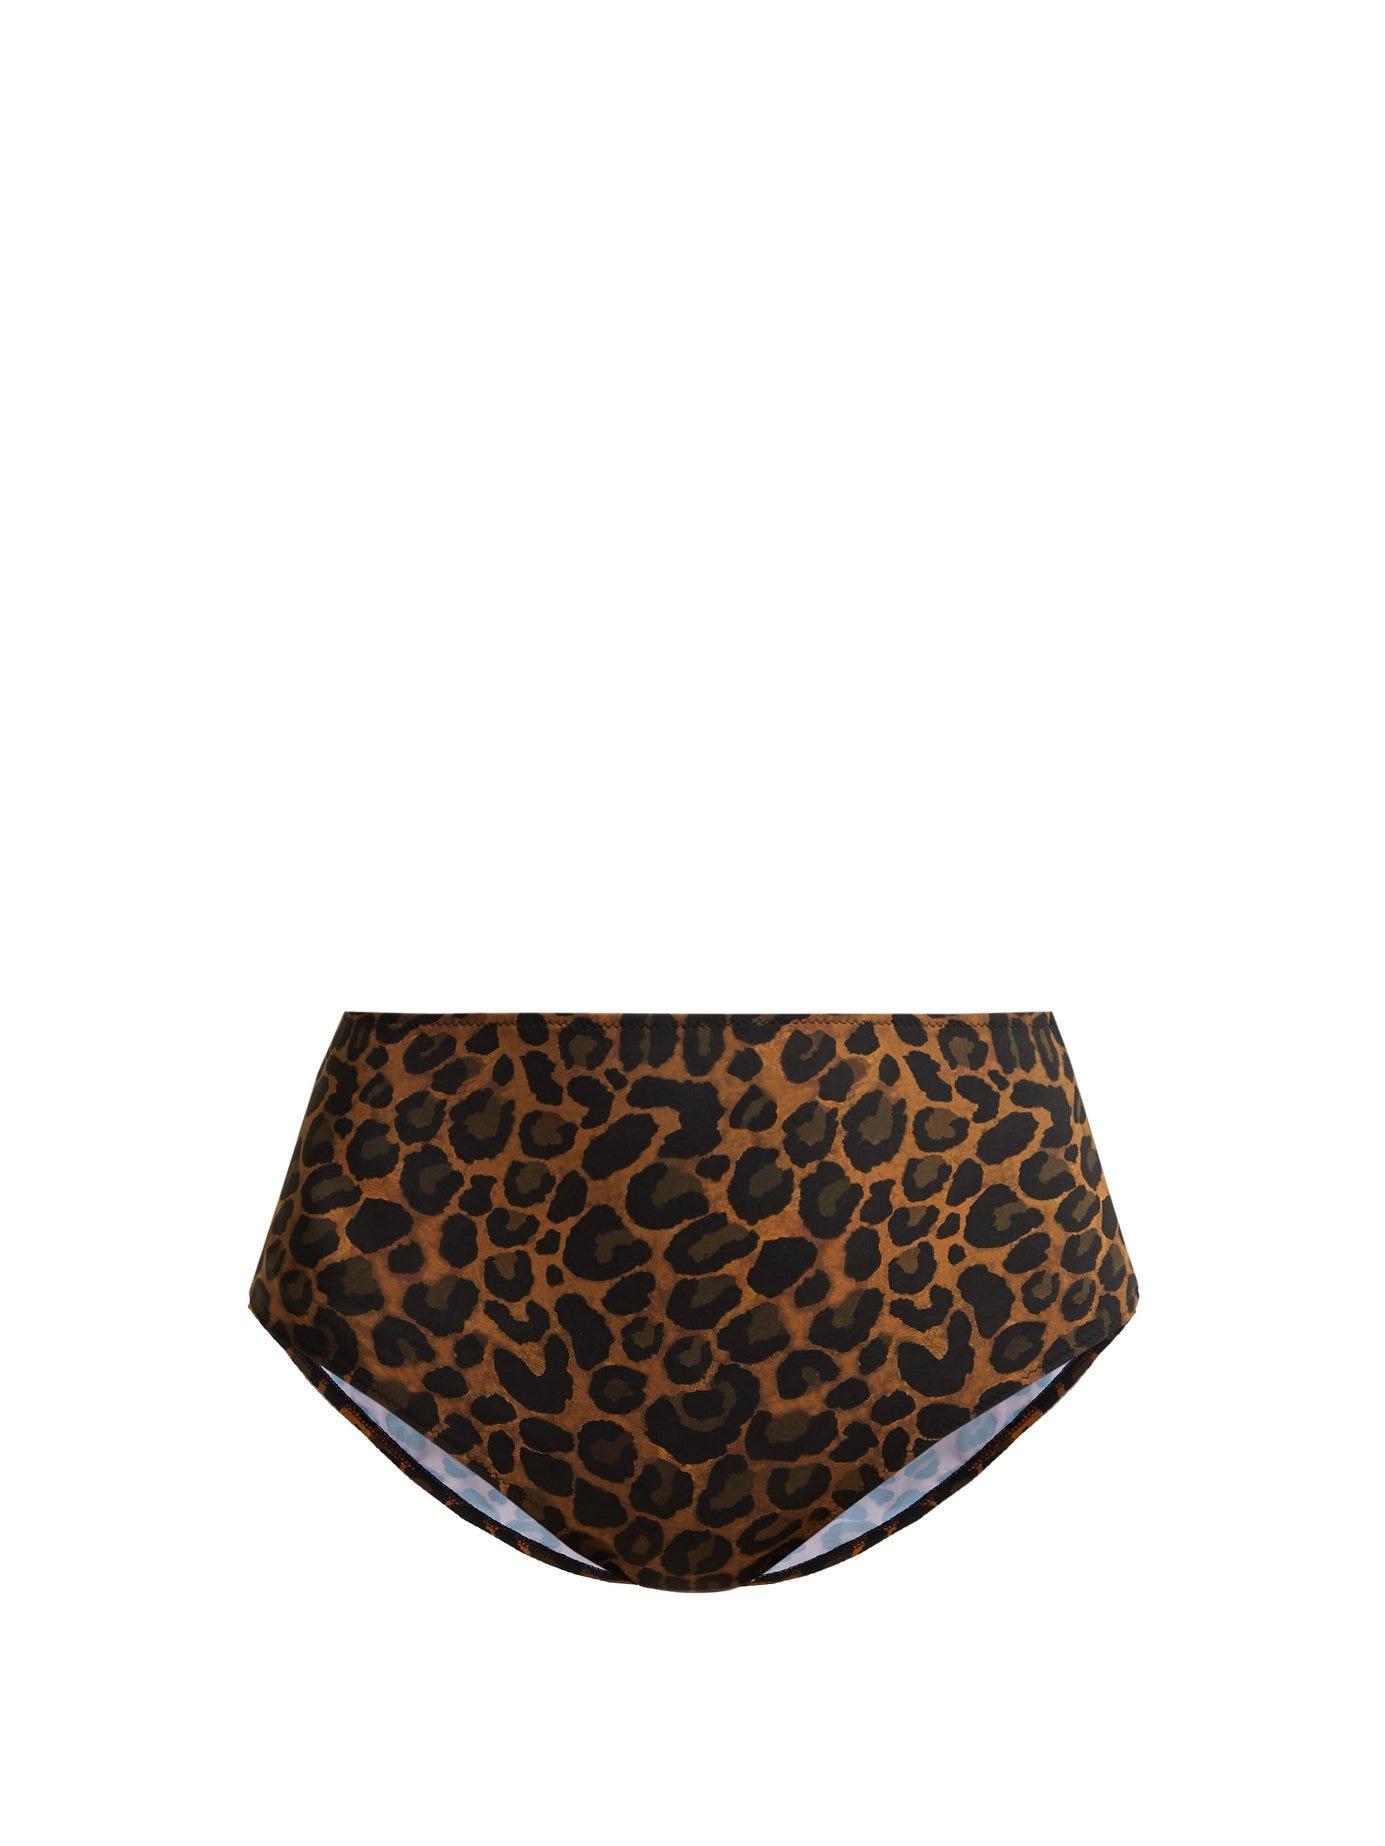 Gouverneur High-Waist Leopard-Print Bikini Briefs